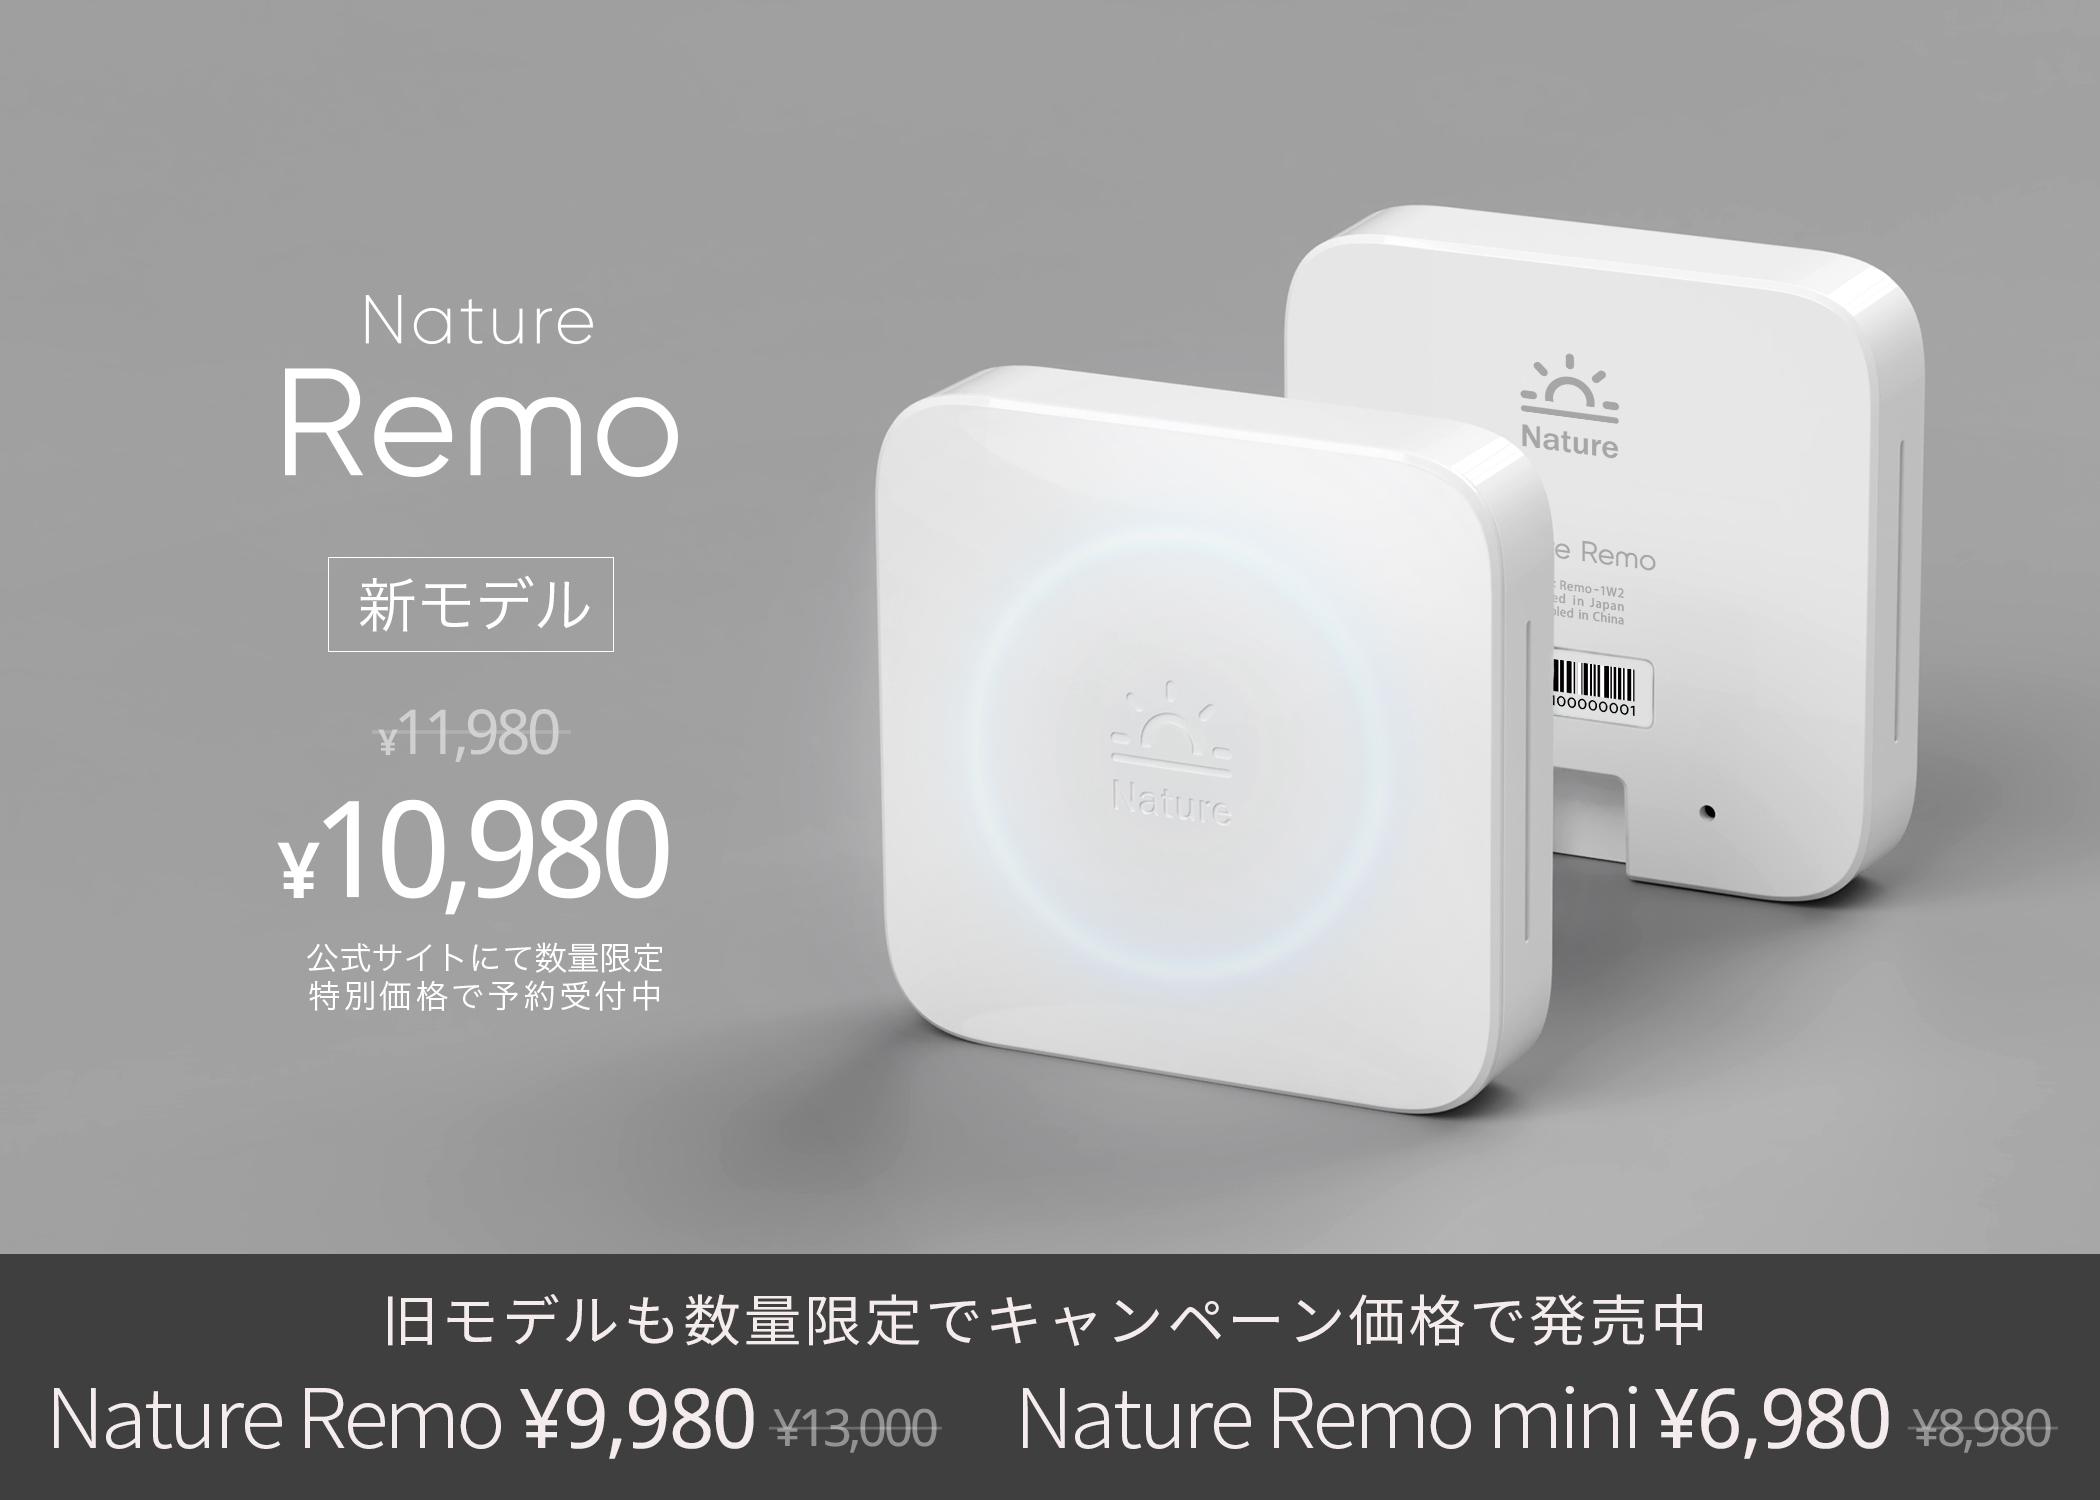 スマートリモコン nature remo マイナーチェンジモデルを特別価格